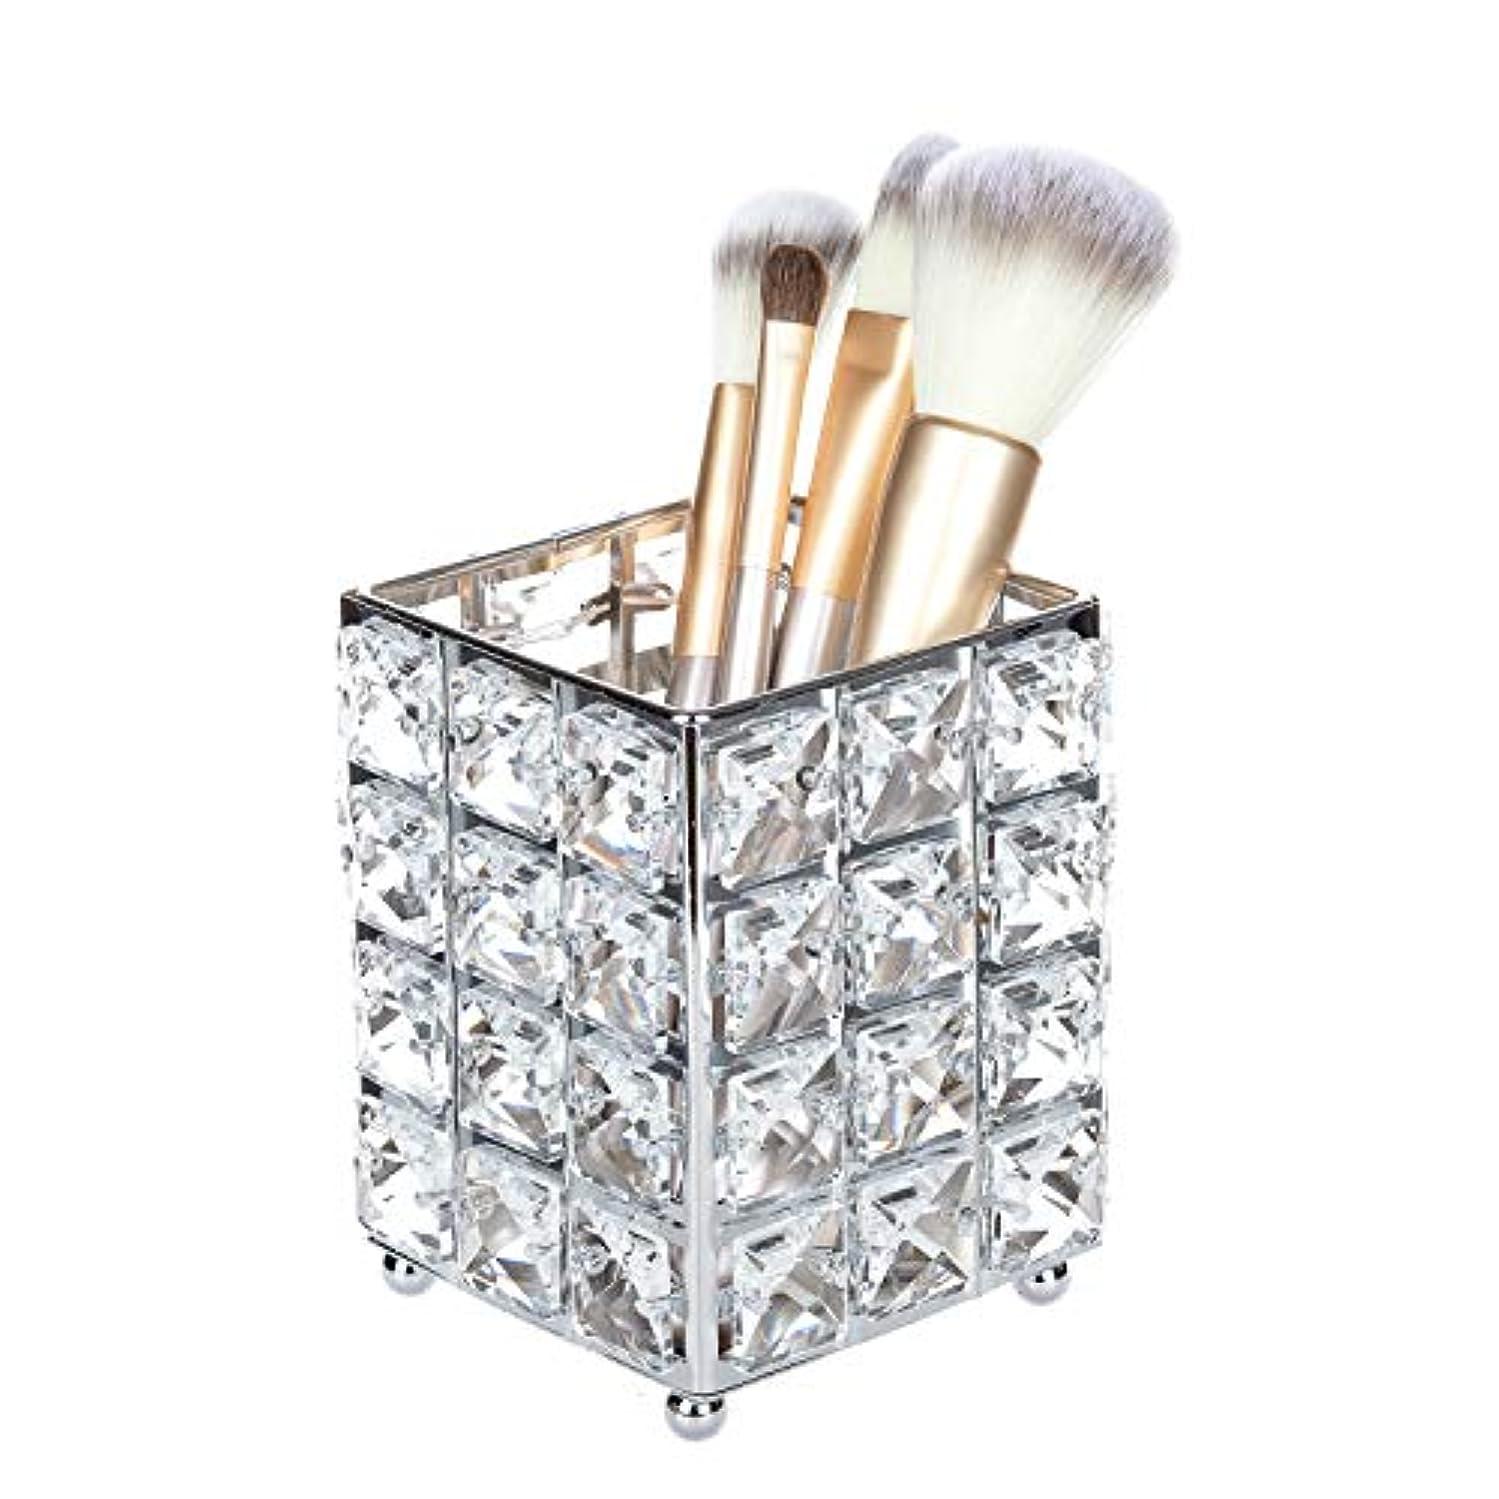 火傷グリーンバックいろいろFeyarl メイクブラシケース ブラシスタンド 化粧ブラシホルダー 化粧ブラシ収納 ブラシ入れ 小物収納 方形 シルバー